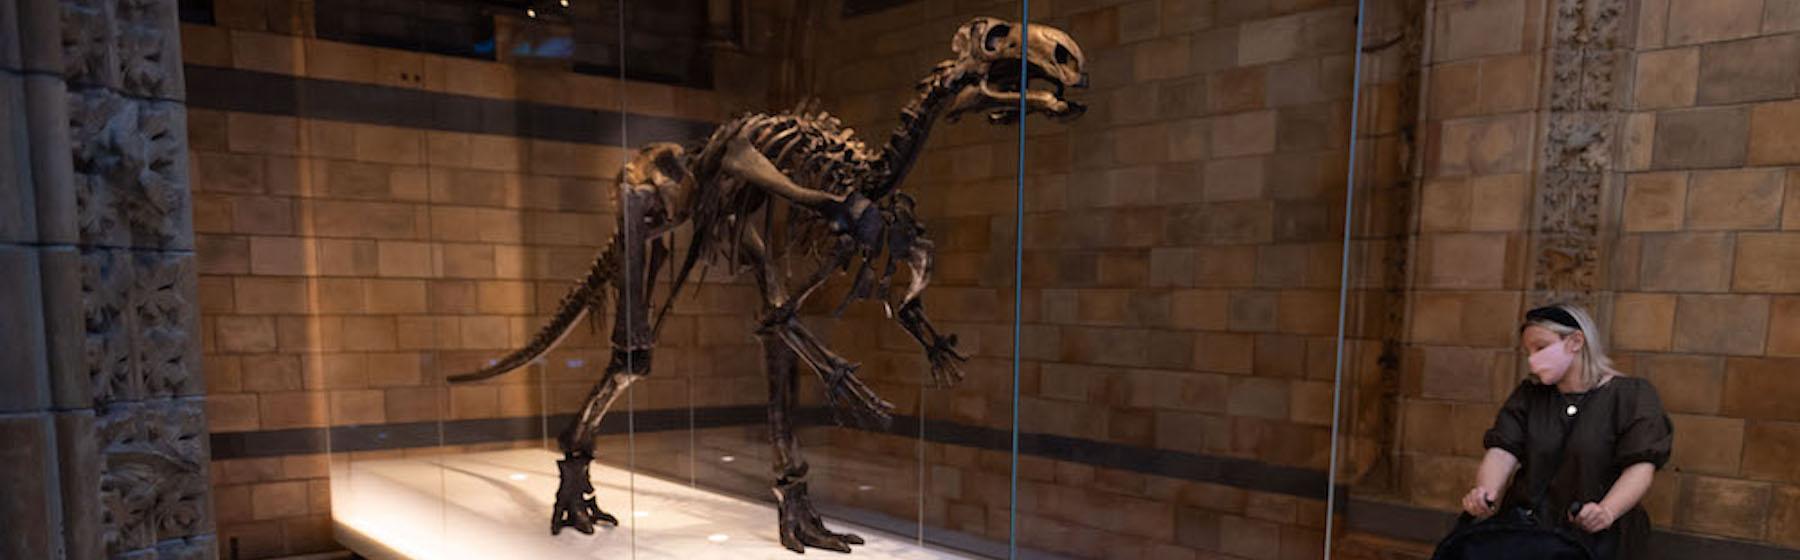 Il Museo di storia naturale di Londra ha riaperto